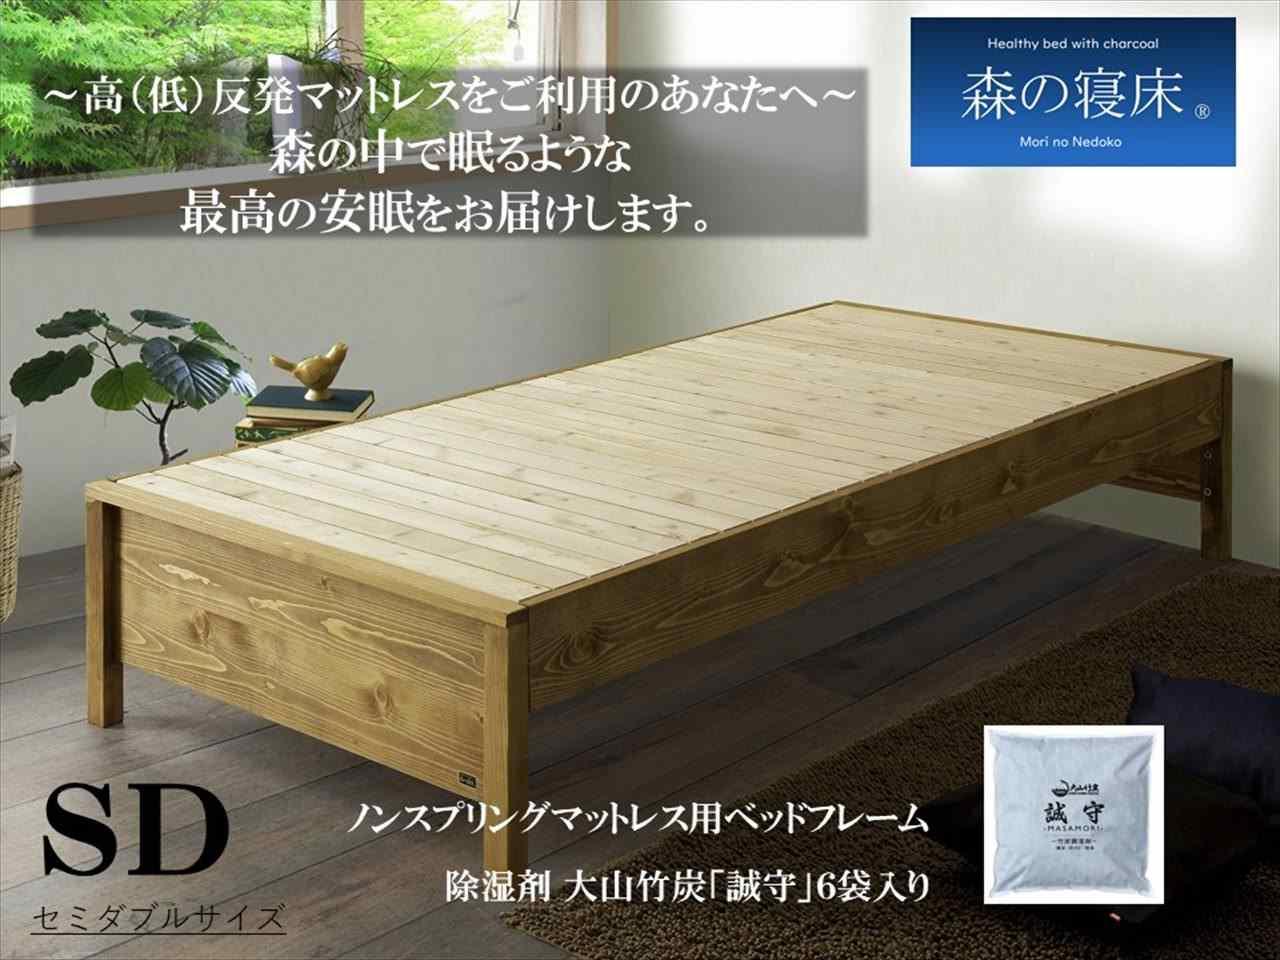 竹炭入り健康ベッド「森の寝床」CPヘッドレス セミダブルサイズ